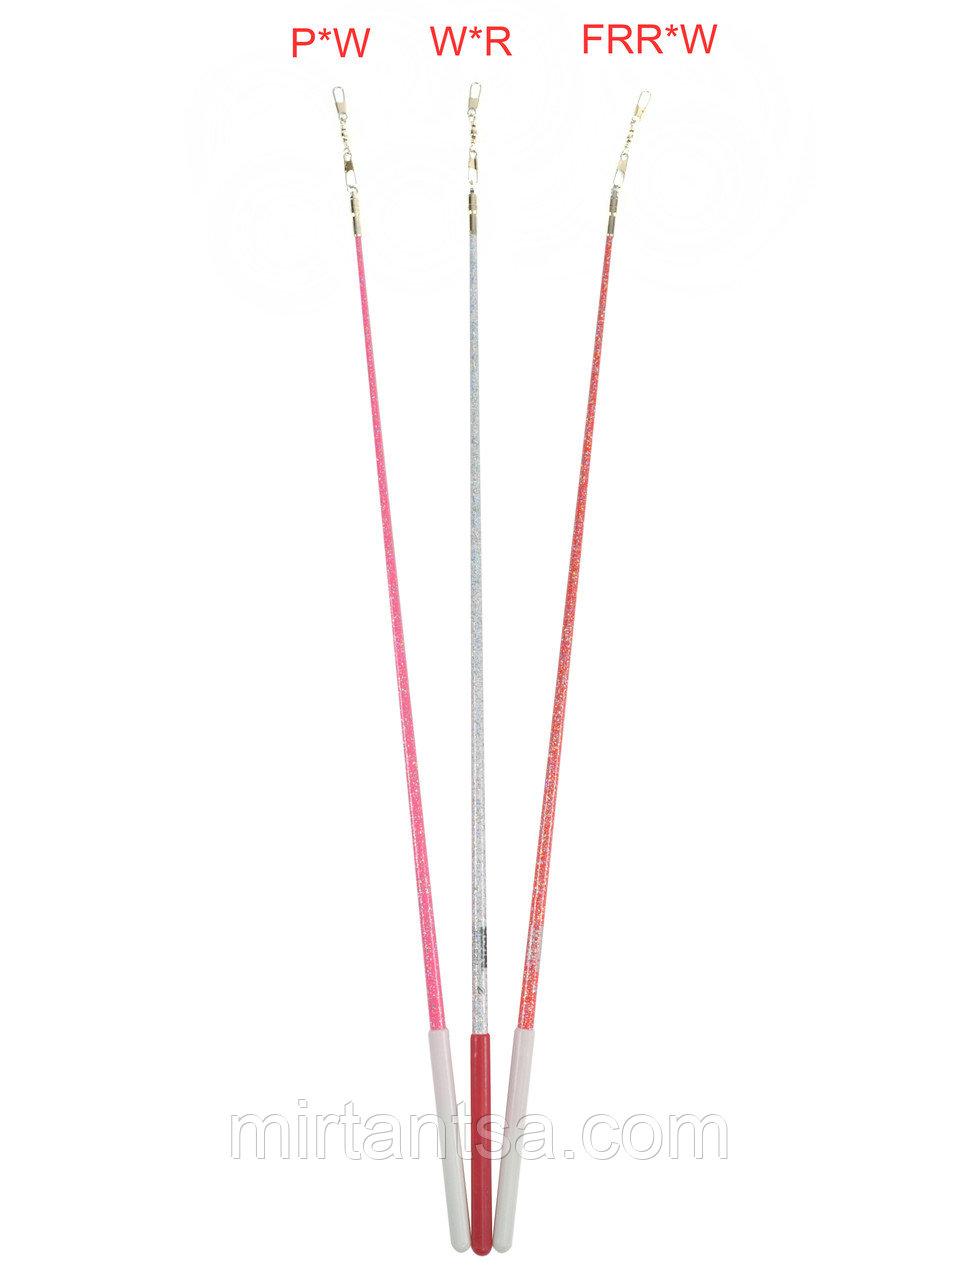 Юниорская голографическая палочка Sasaki МJ-82H 50 см.